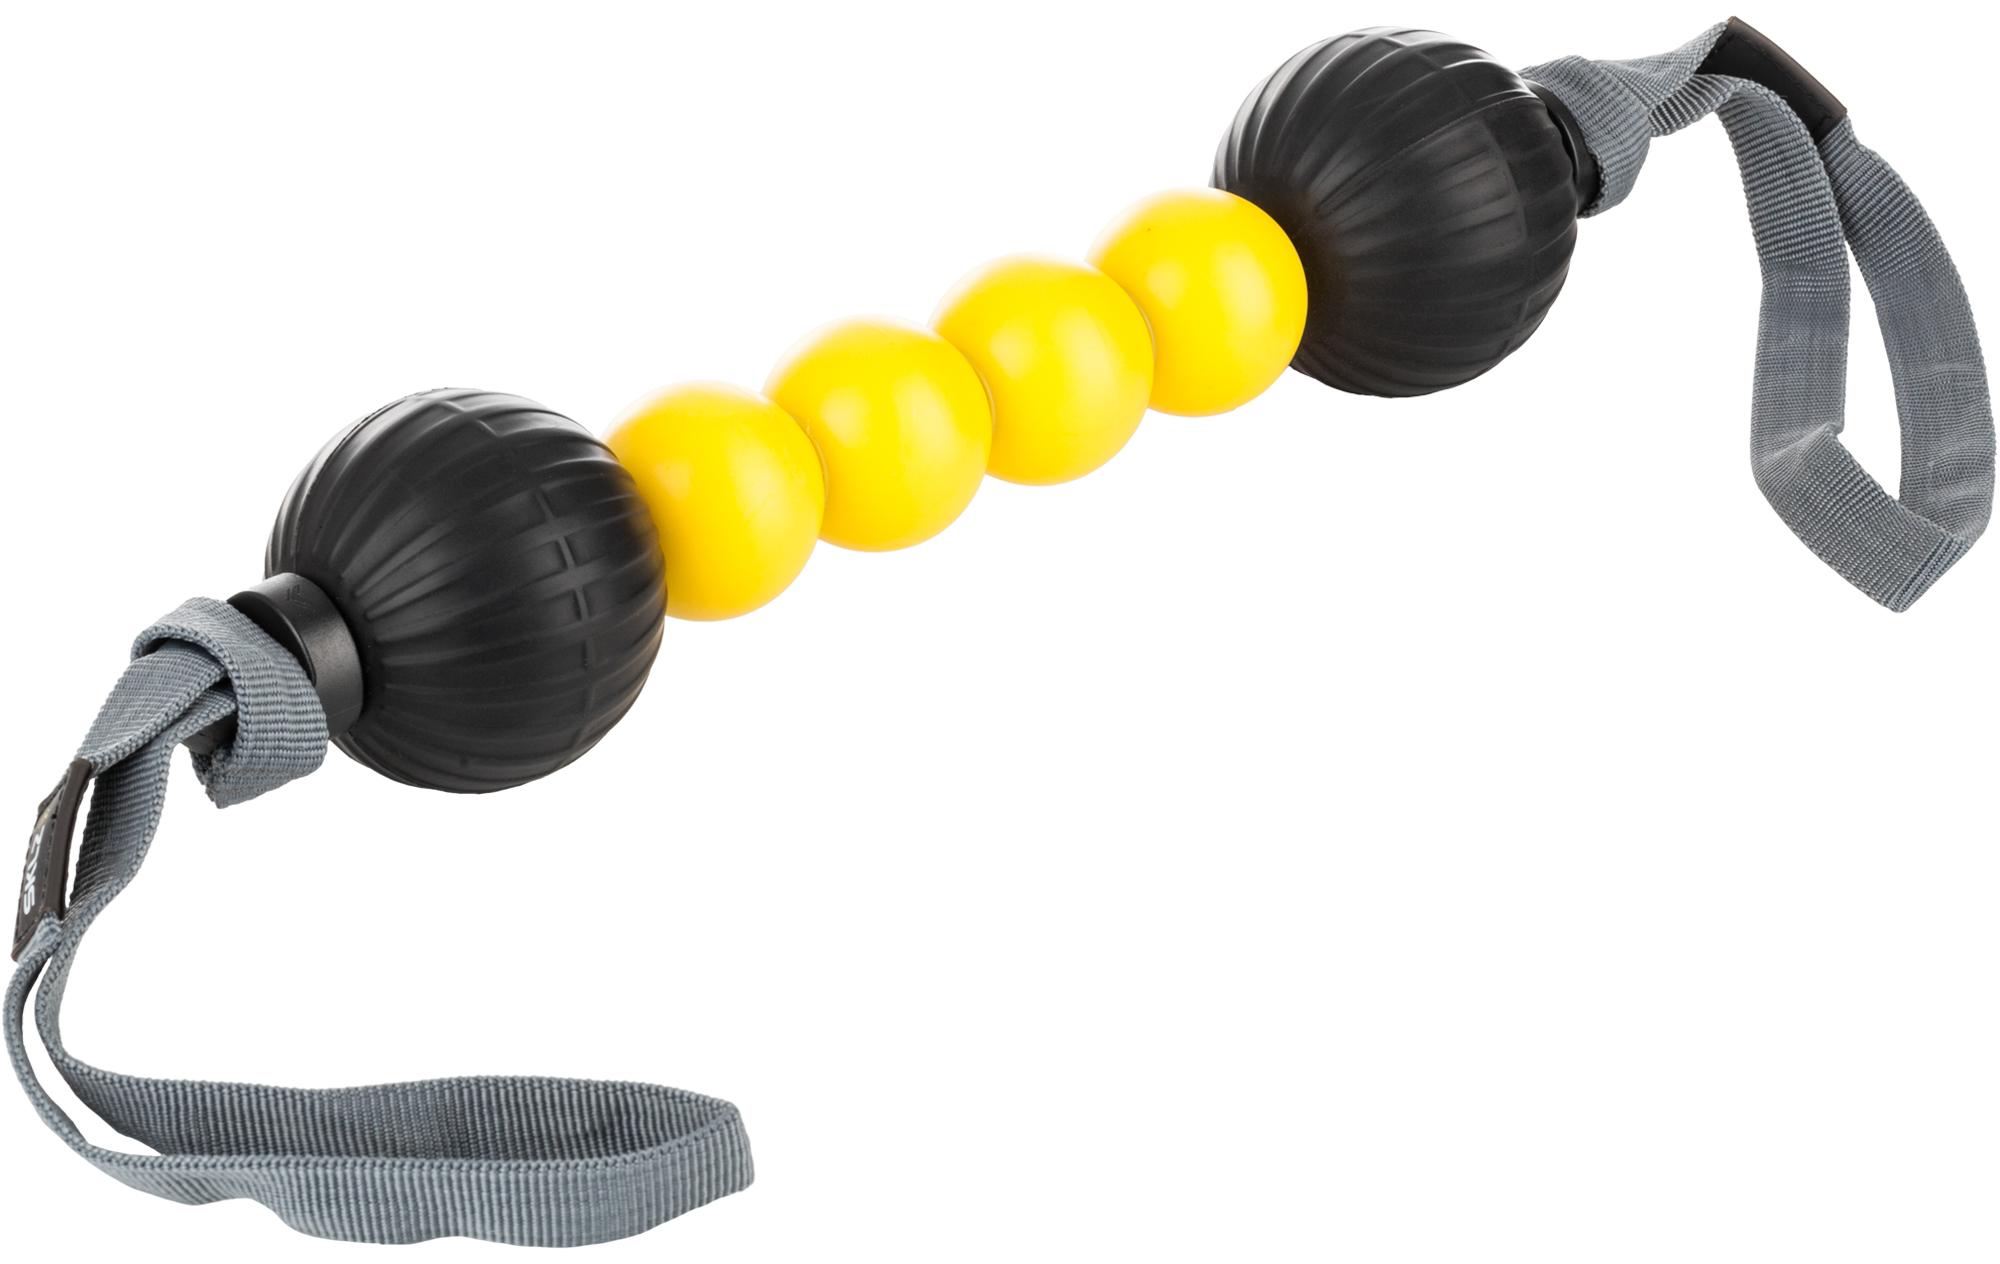 SKLZ Массажный ролик SKLZ Accuroller ролик массажный профилированный hollow roller 14 33 см inex ehr13